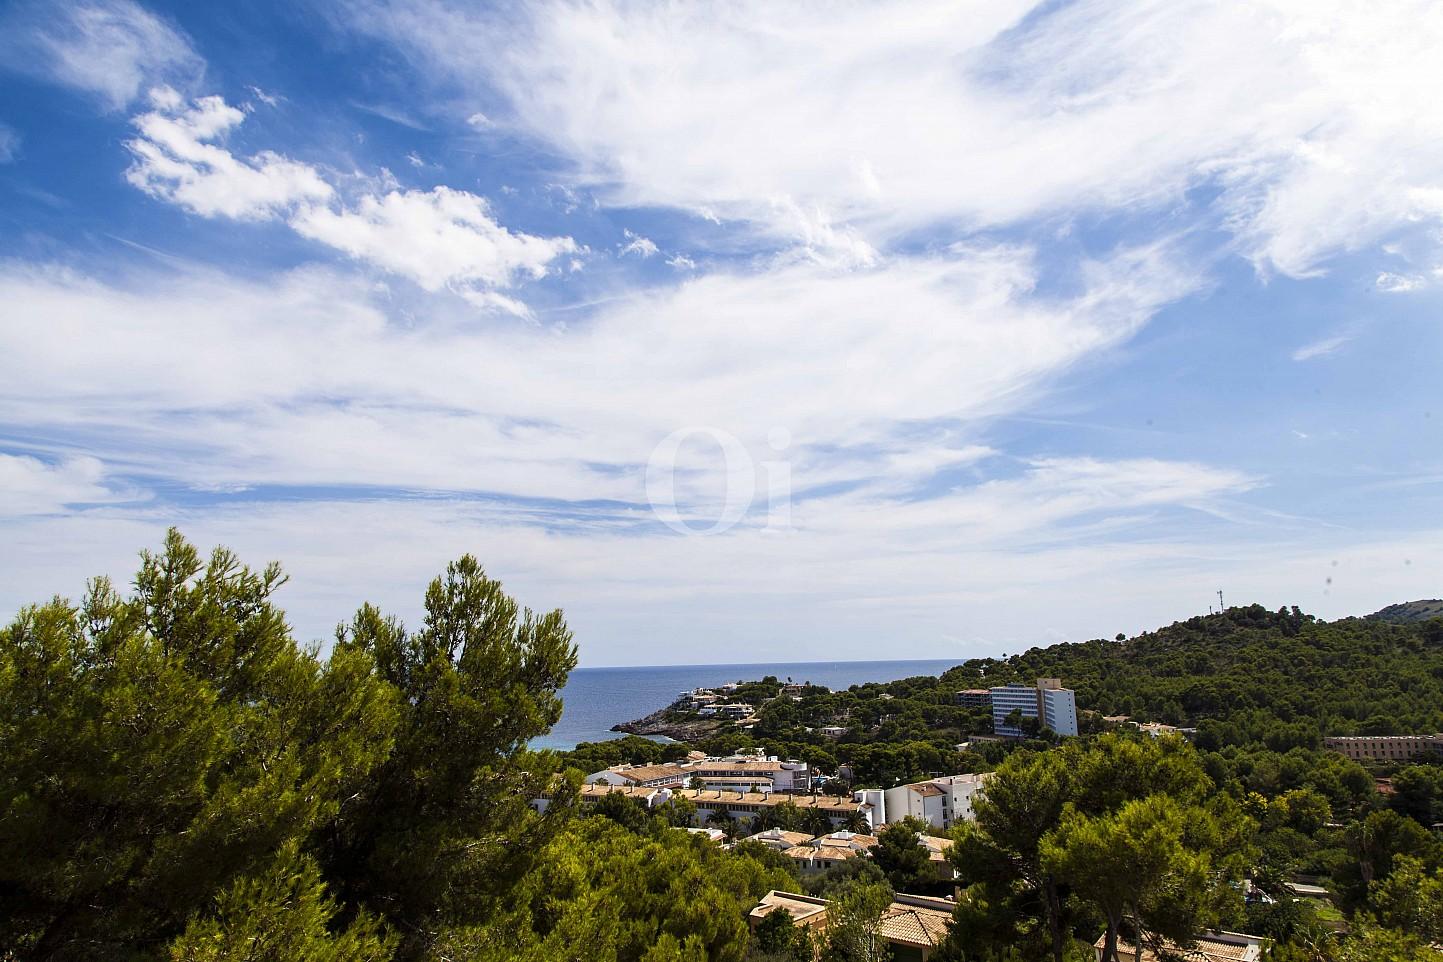 Anblicke auf das Meer eines Hauses zum Verkauf im exklusiven Wohngebiet Mallorcas